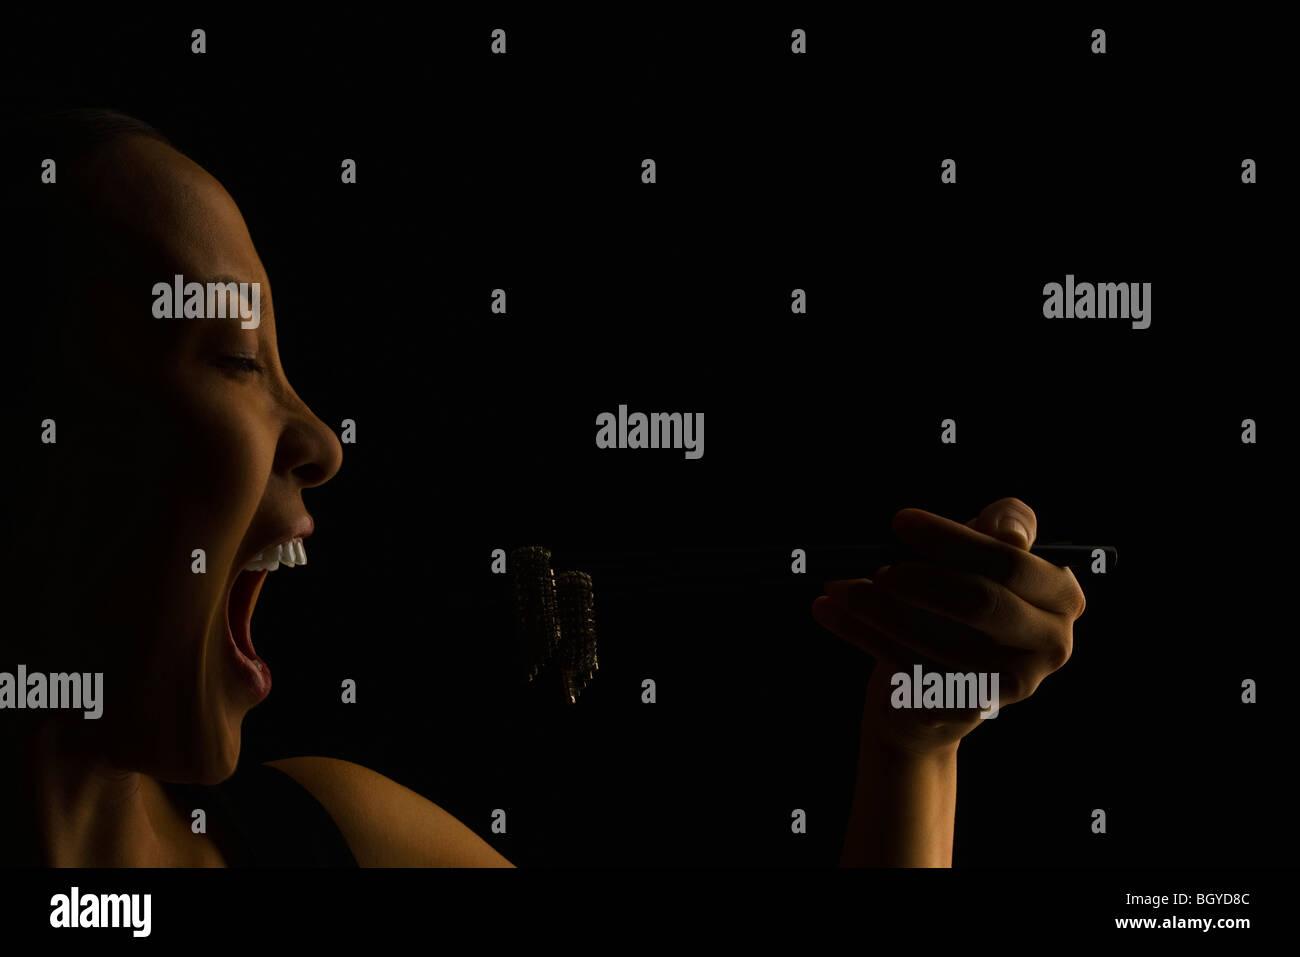 Gioielli di indulgenza, donna azienda orecchini a bocca aperta con bacchette Immagini Stock